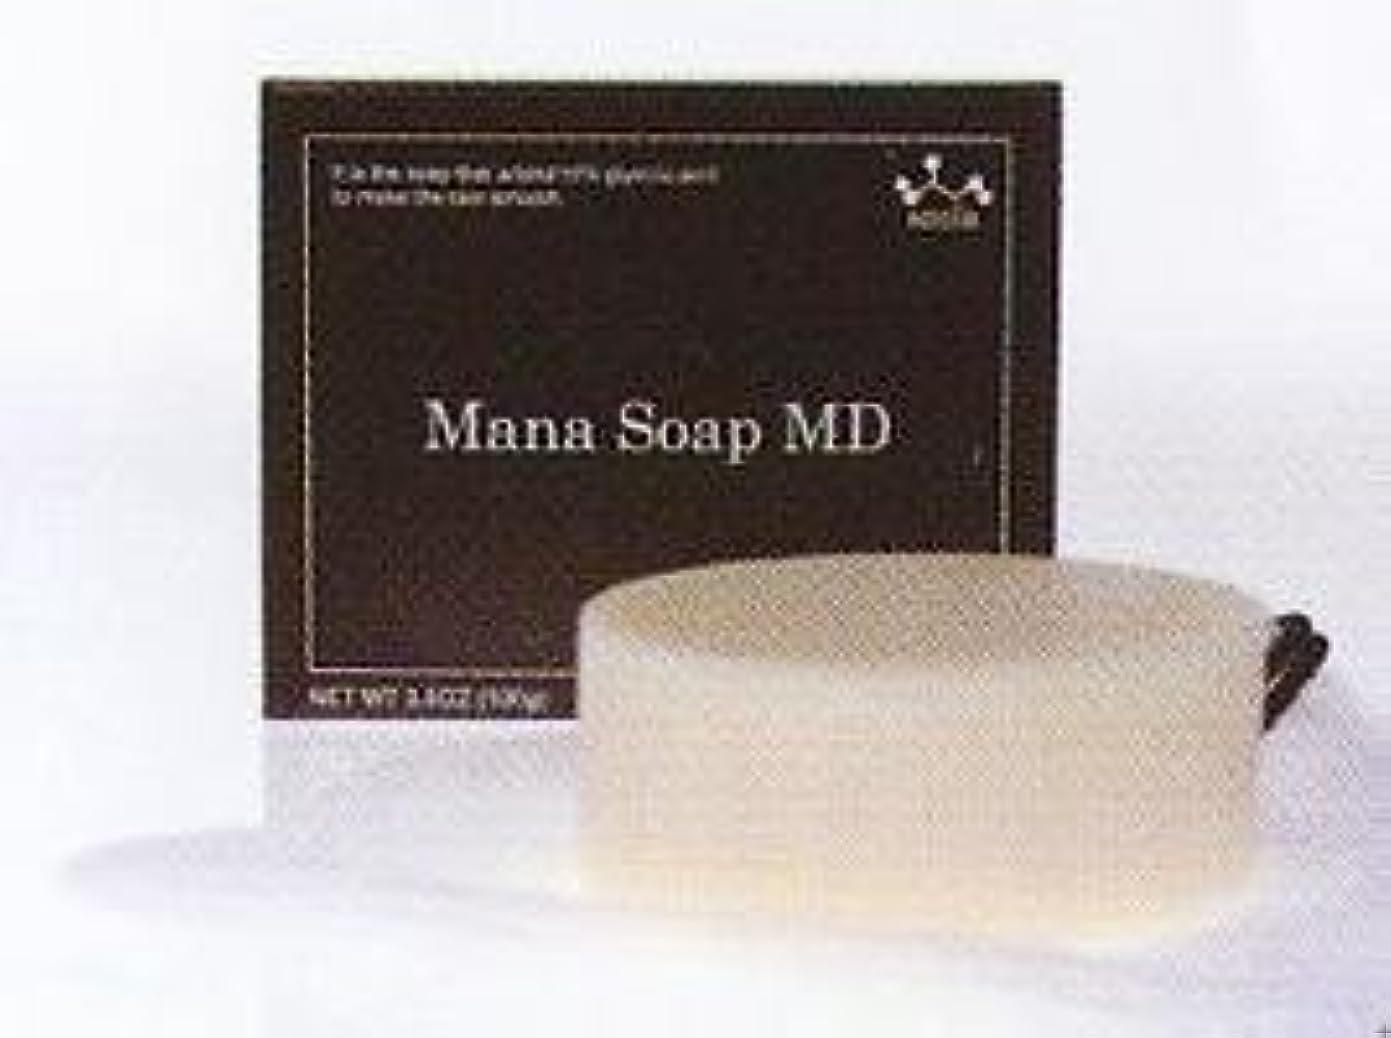 衣服拒絶する中世の【ニキビ?乾燥?敏感】マナソープMD10 乾燥するけどニキビができるという方におすすめ! プラセンタ配合の無添加ピーリング石鹸 (10%)